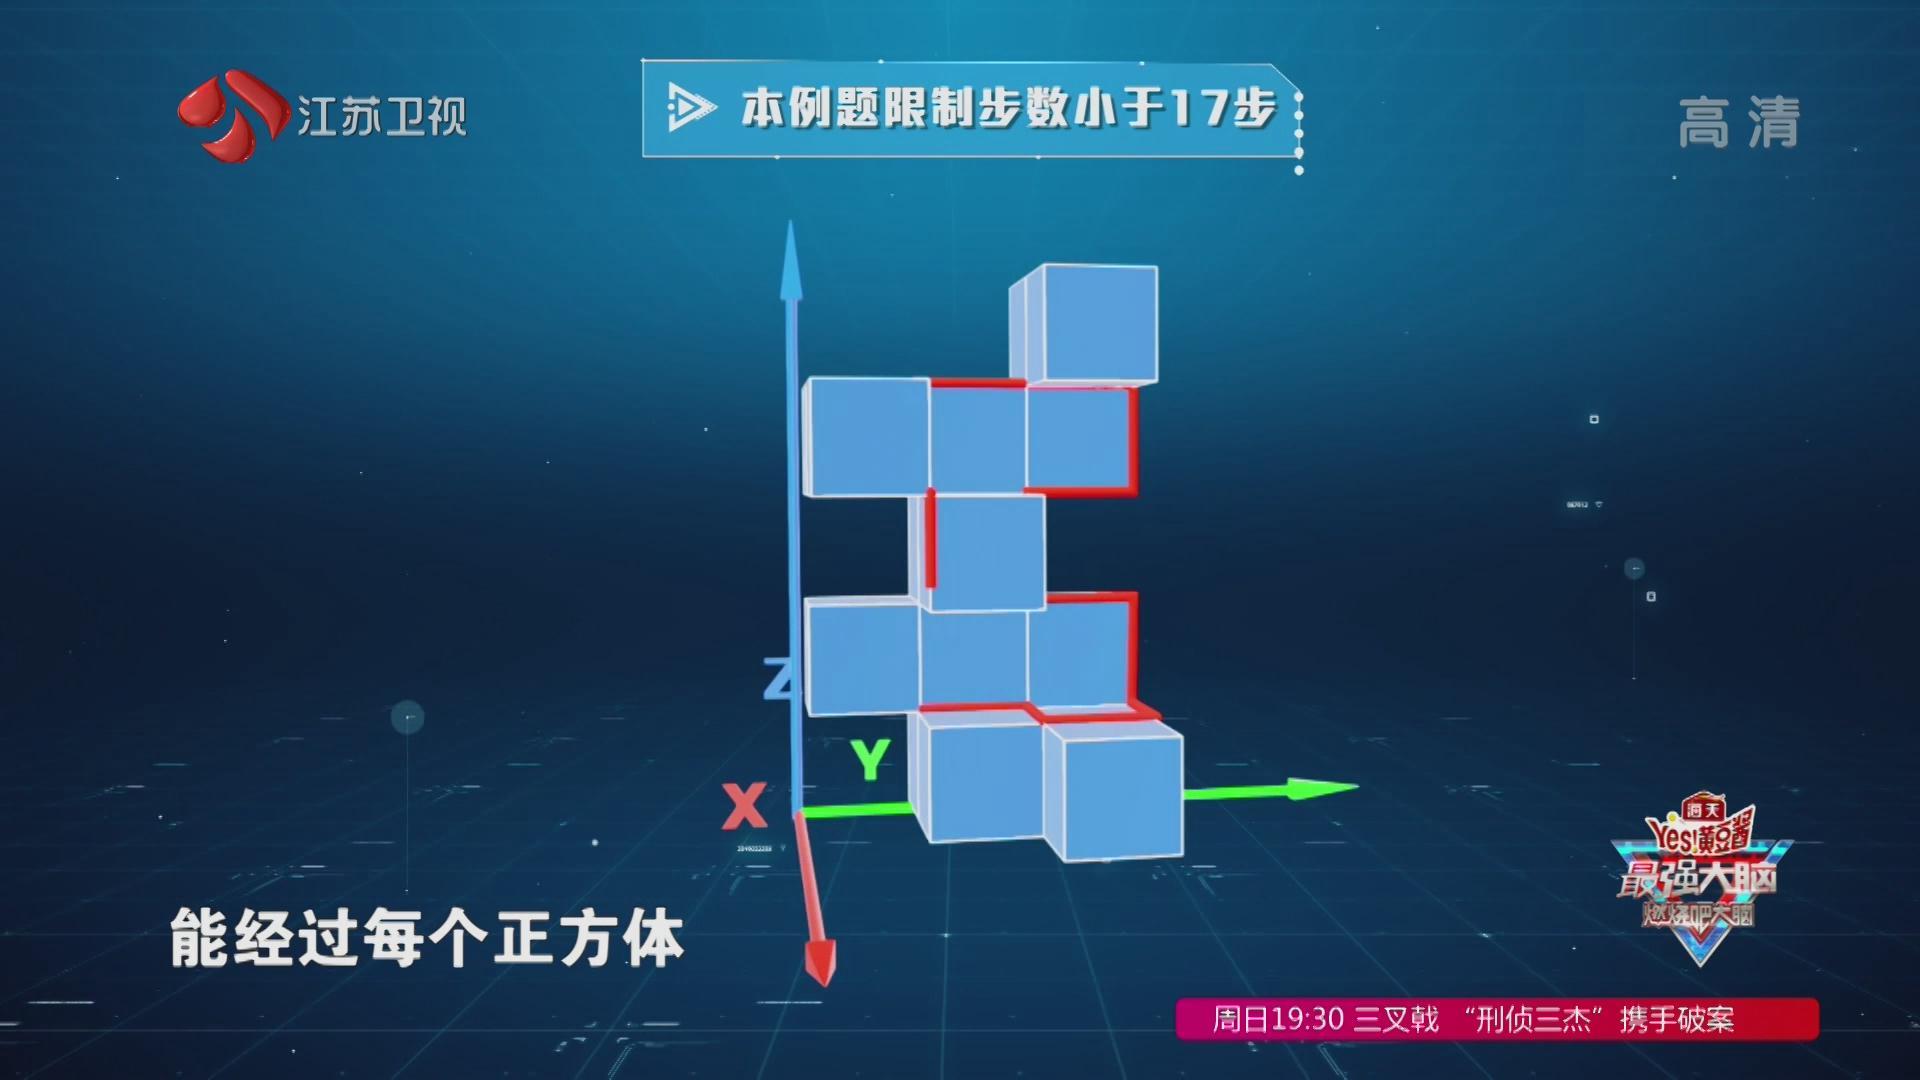 最强大脑:俄罗斯方块+三维坐标轴,13步内能用一条线搞定吗?